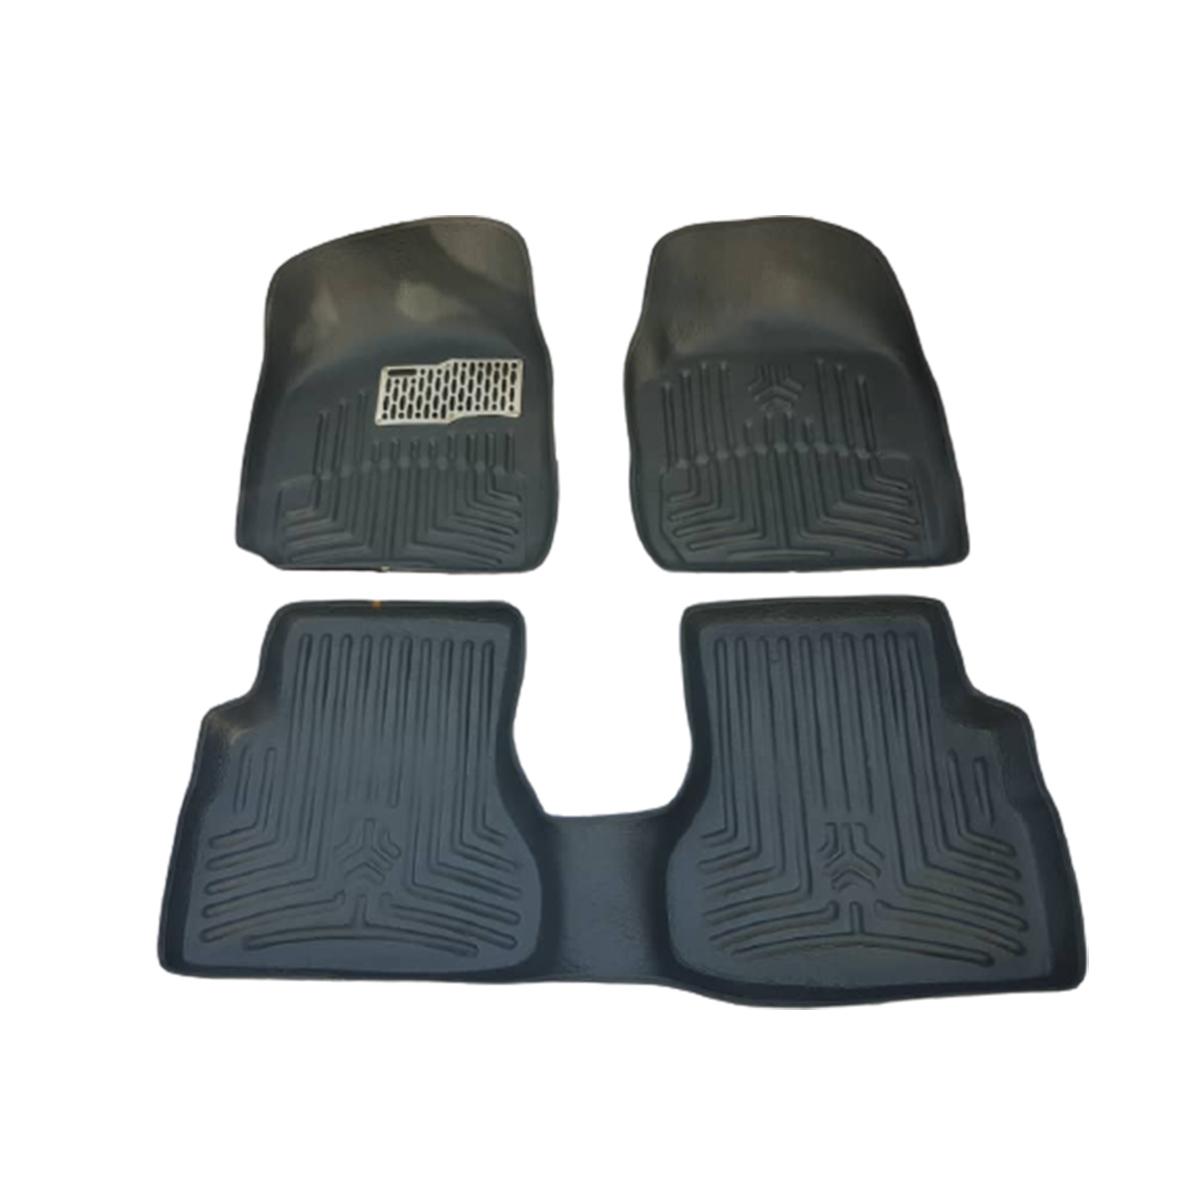 کفپوش 3بعدی خودرو مدل C5 مناسب برای تیبا                     غیر اصل